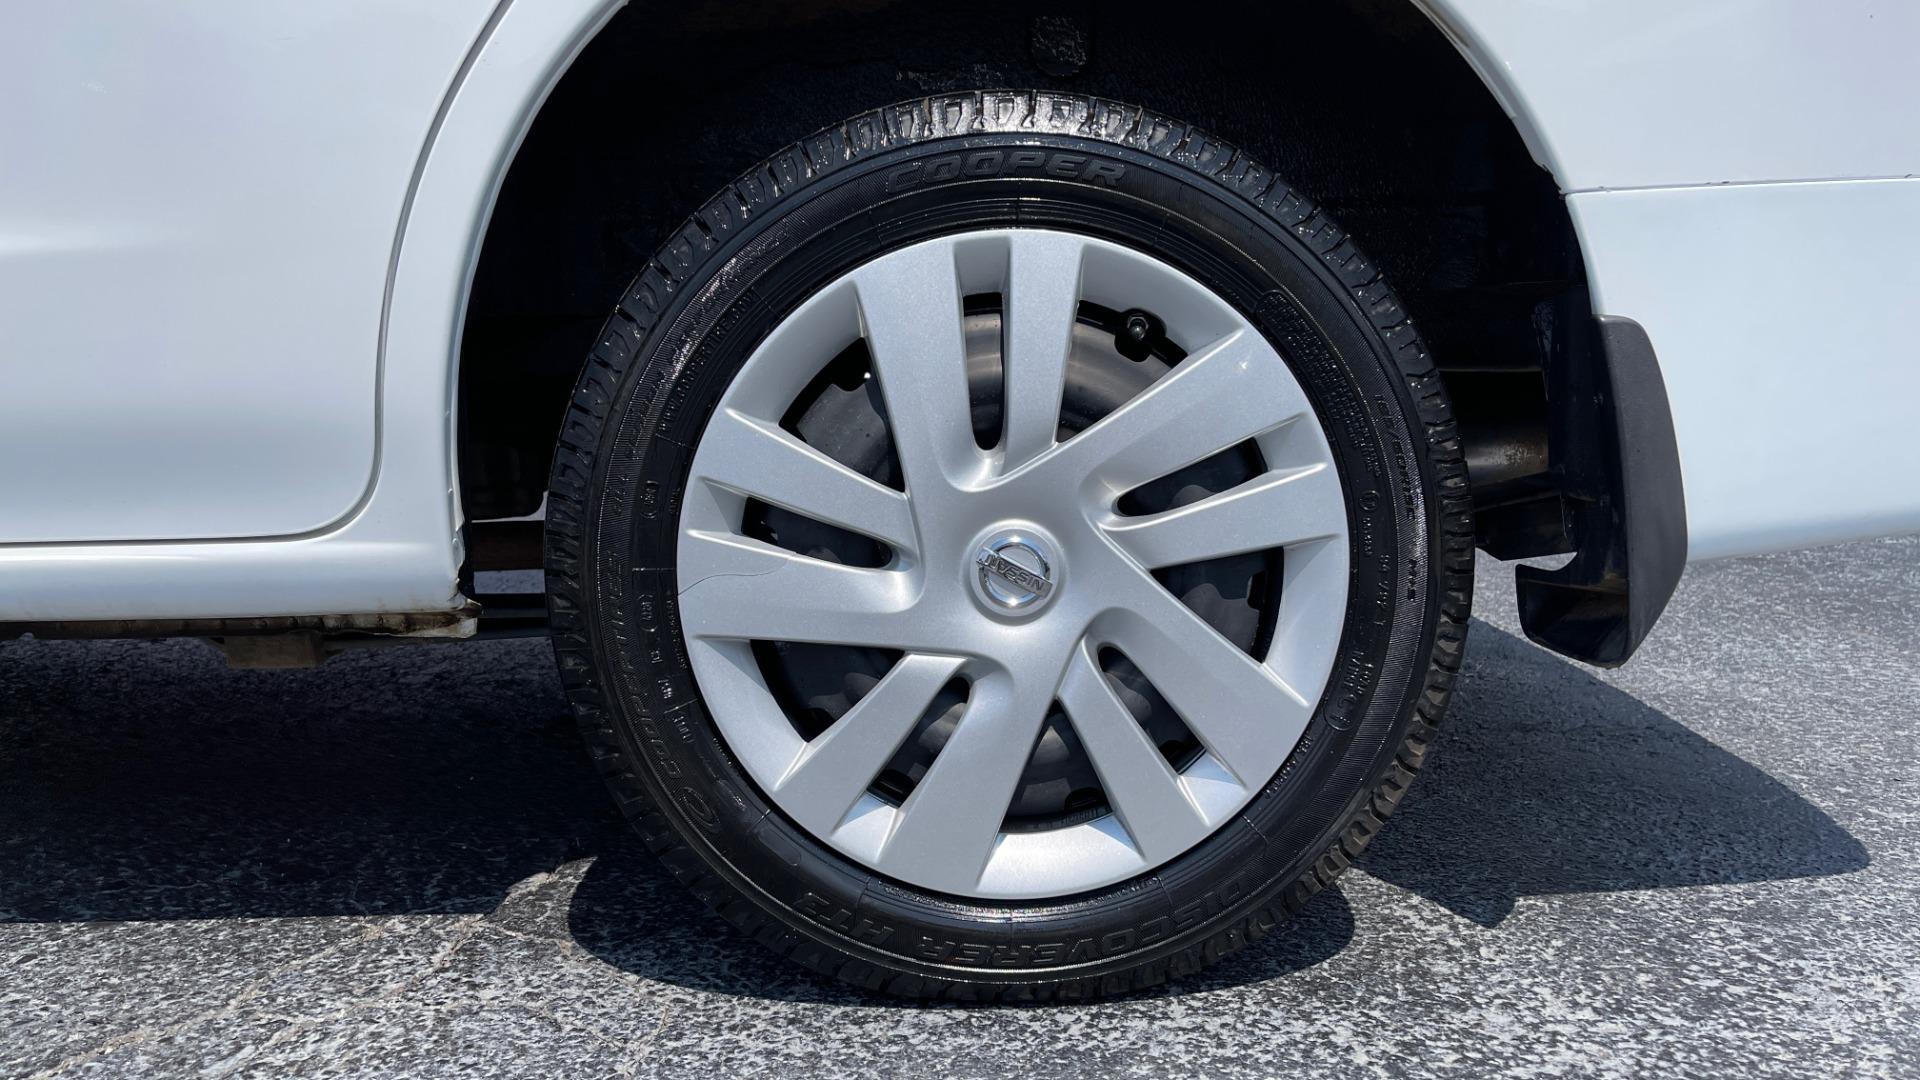 Used 2016 Nissan NV200 SV / WORK VAN / EXTERIOR APPEARANCE PKG / SPLASH GUARDS for sale $14,999 at Formula Imports in Charlotte NC 28227 55